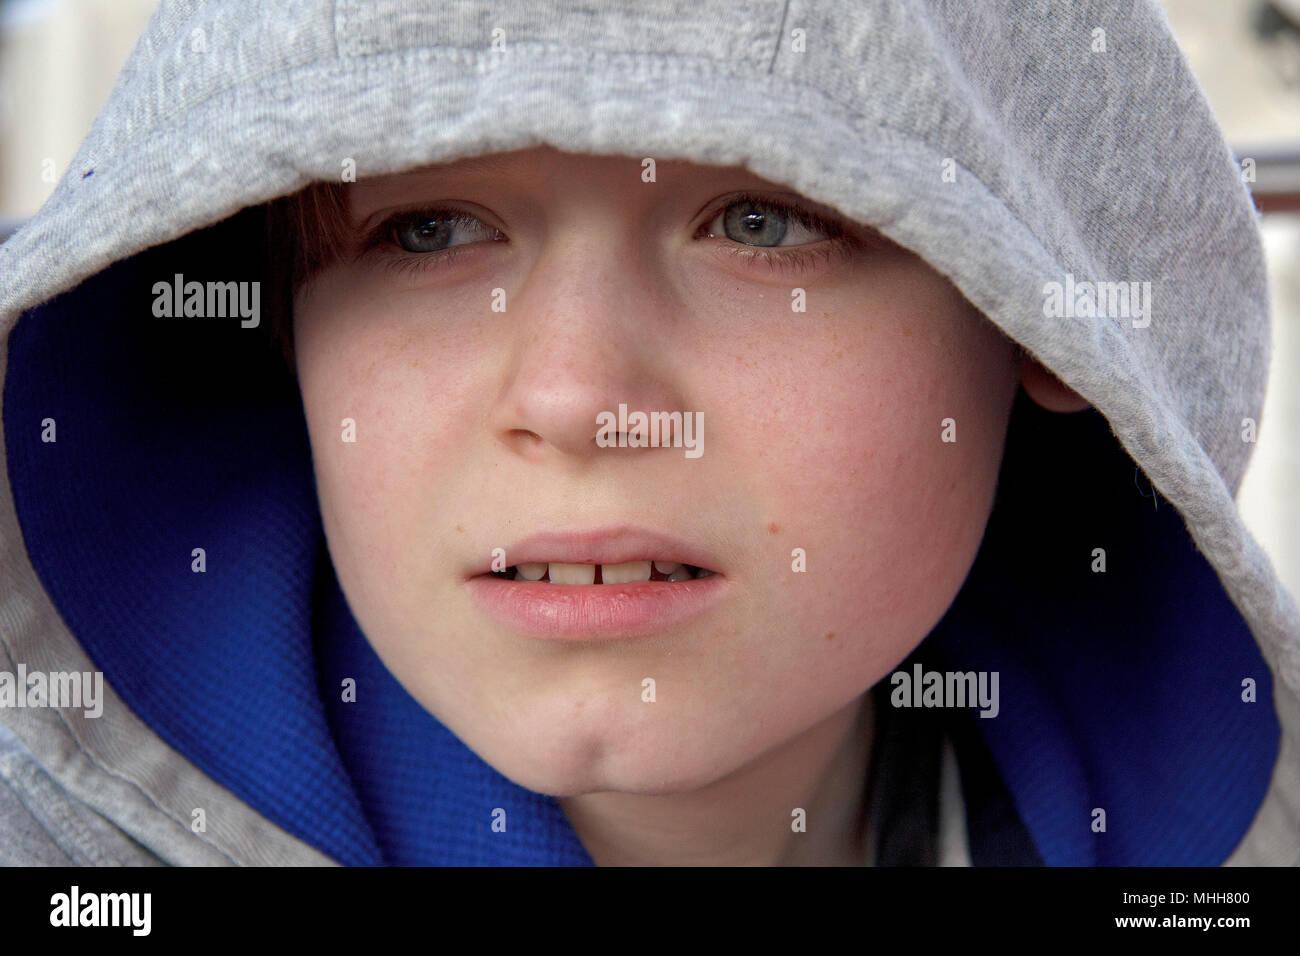 Porträt eines Jungen trägt eine Haube Stockbild